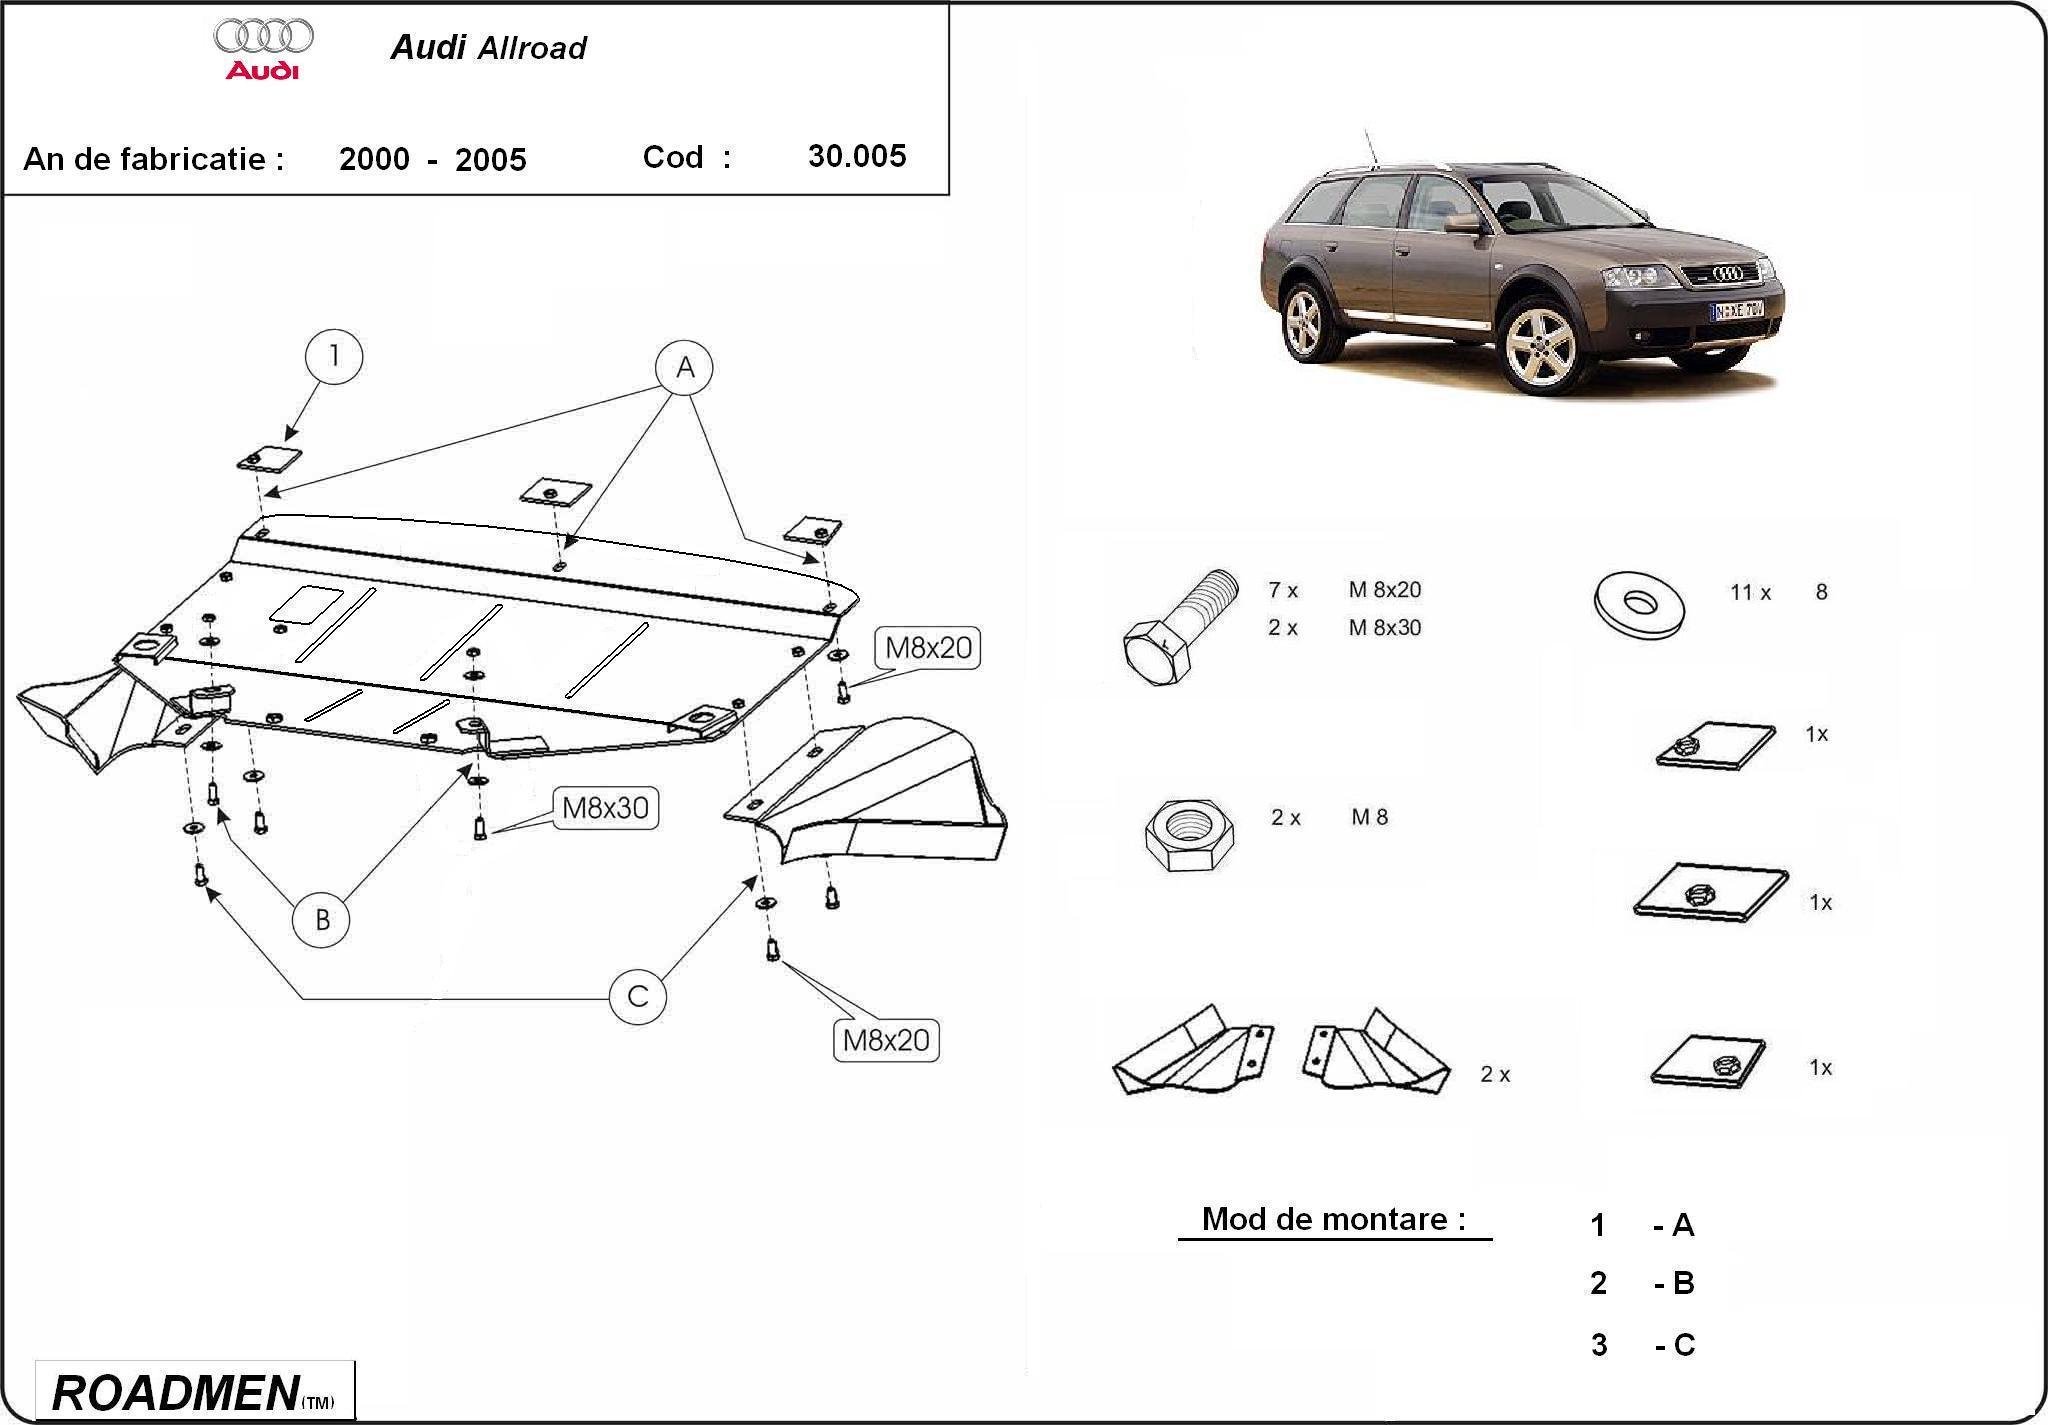 motor cu scut Audi - Allroad